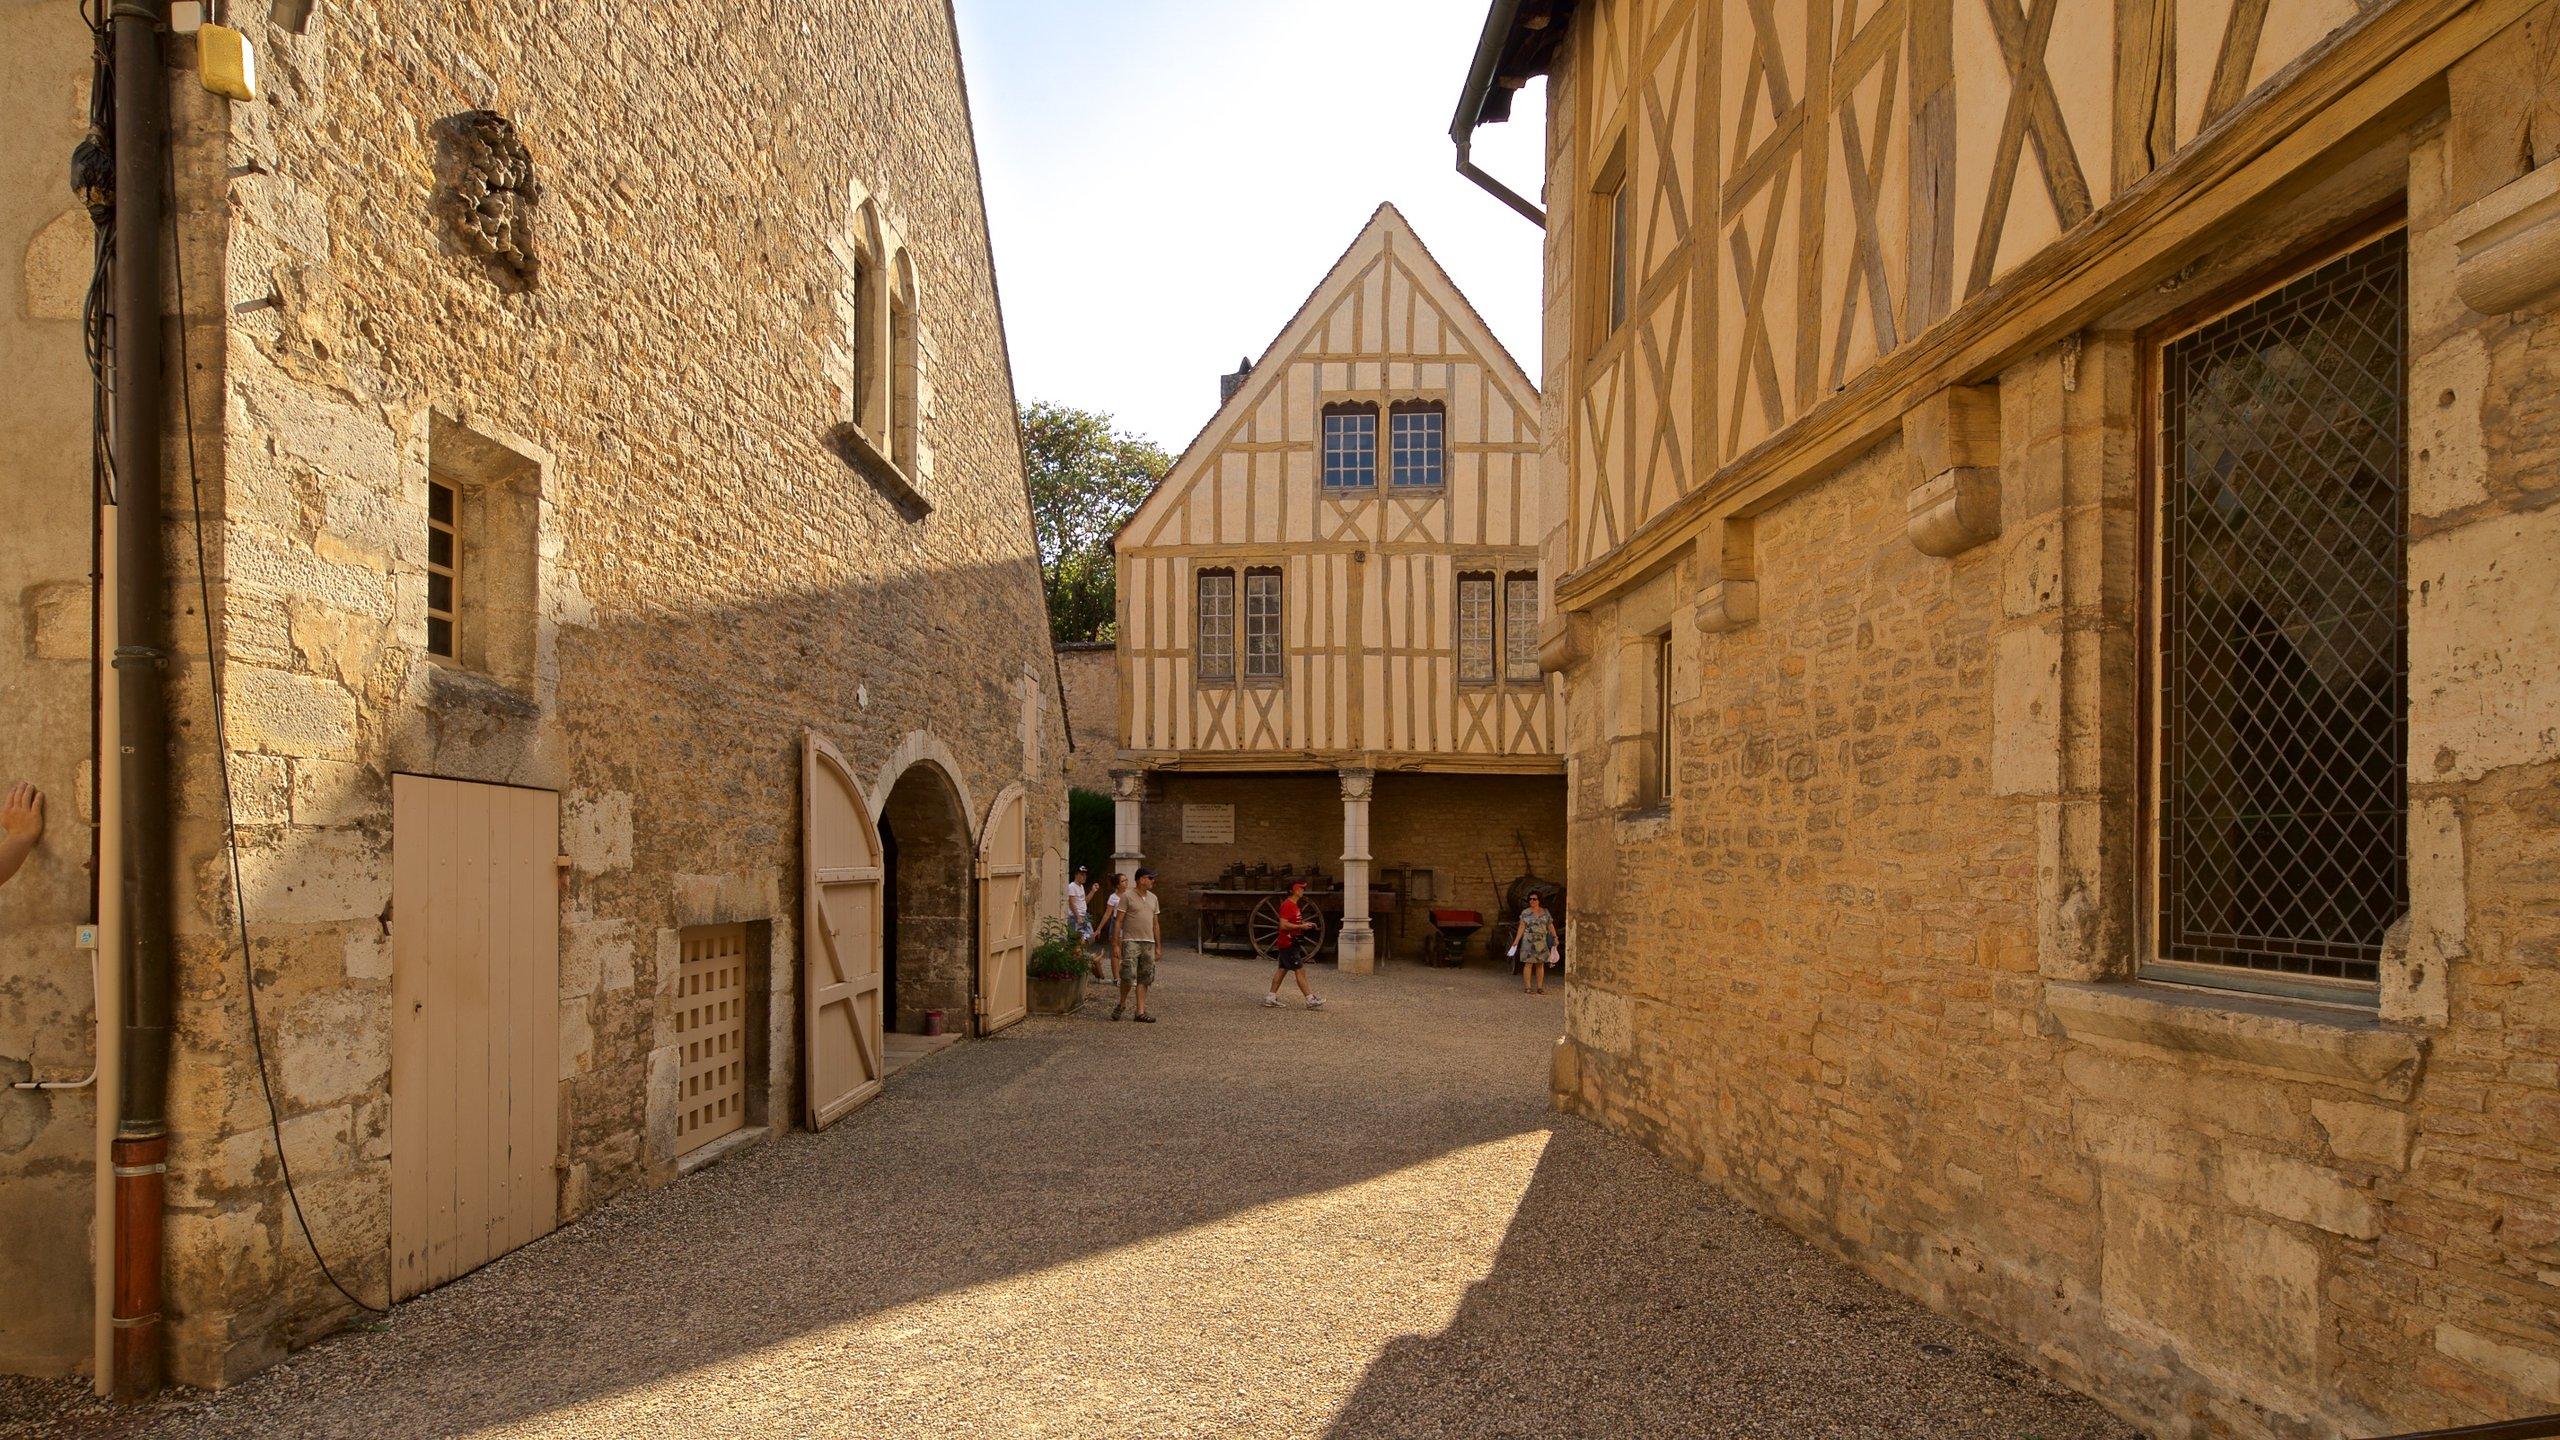 Établi dans un hôtel particulier autrefois occupé par les ducs de Bourgogne, ce musée intéressant retrace la longue histoire du vin dans la région.